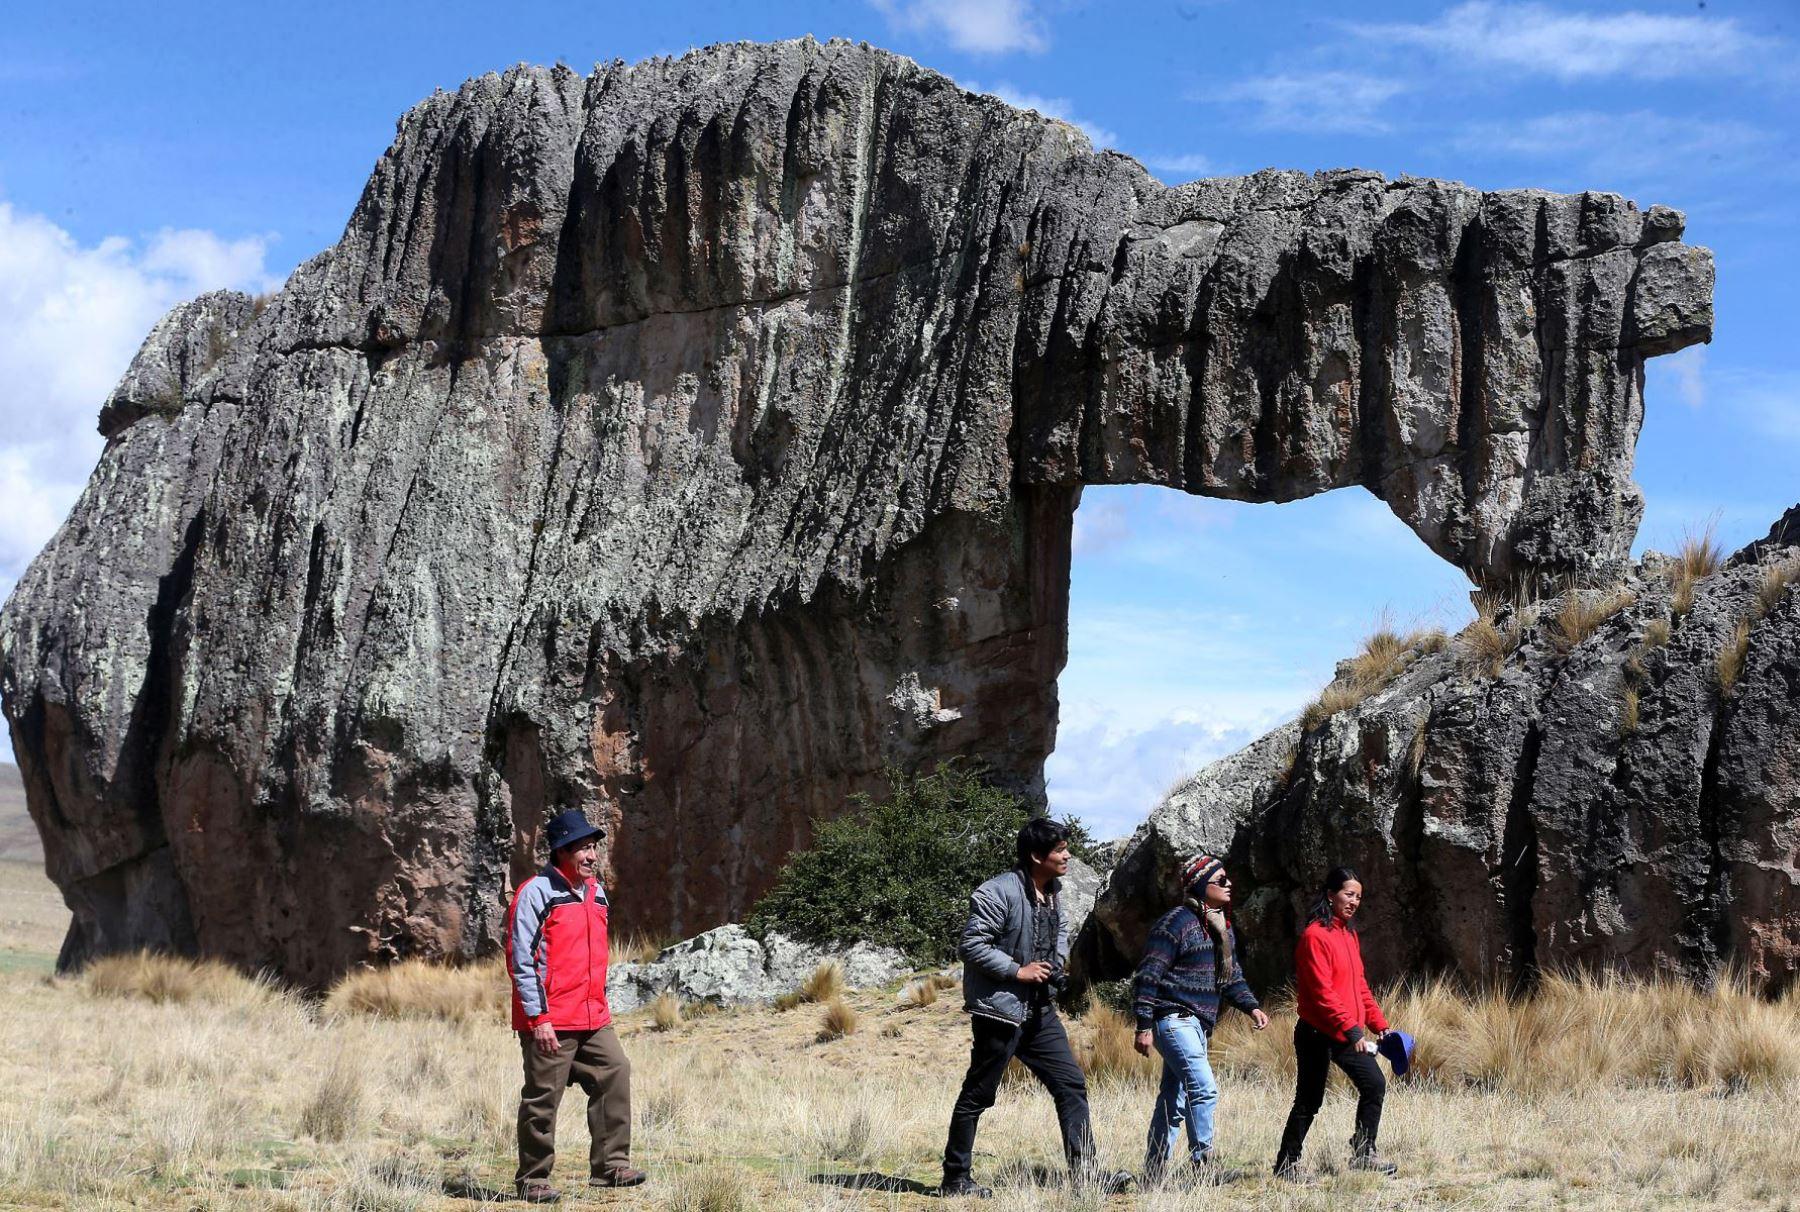 El geoturismo es una actividad recreativa que hace referencia a un turismo sostenible, donde se destaca el patrimonio geológico, la geodiversidad y la biodiversidad de un determinado territorio, con paisajes singulares, además de los valores culturales asociados. En el Día Mundial del Turismo, conoce siete destinos extraordinarios del Perú para realizar esta modalidad de turismo. ANDINA/Difusión